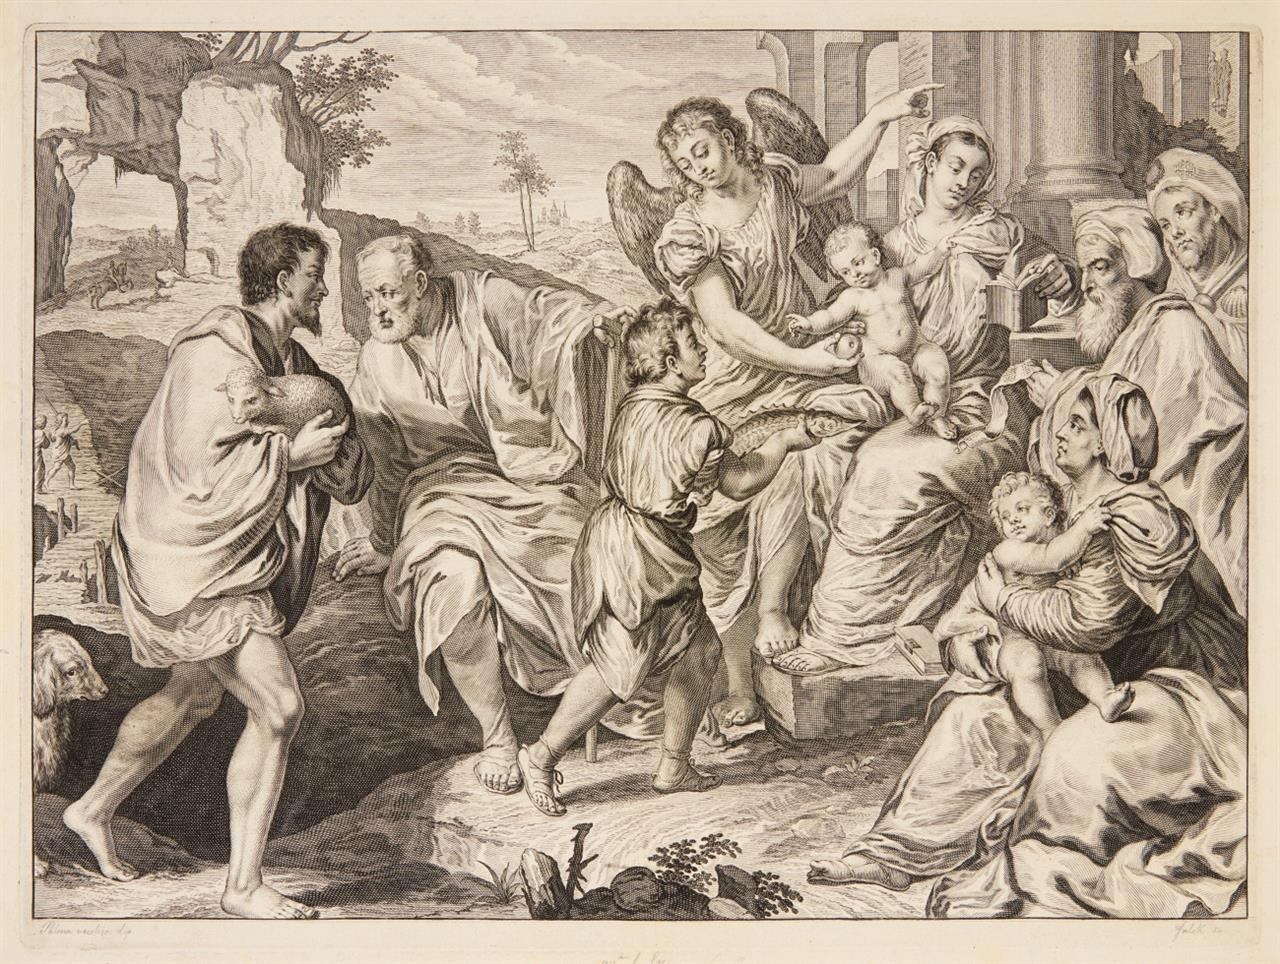 Jeremias Falck n. Palma Vecchio. Die Anbetung der Hirten. Kupferst. H. 7 (vor d. Schrift).